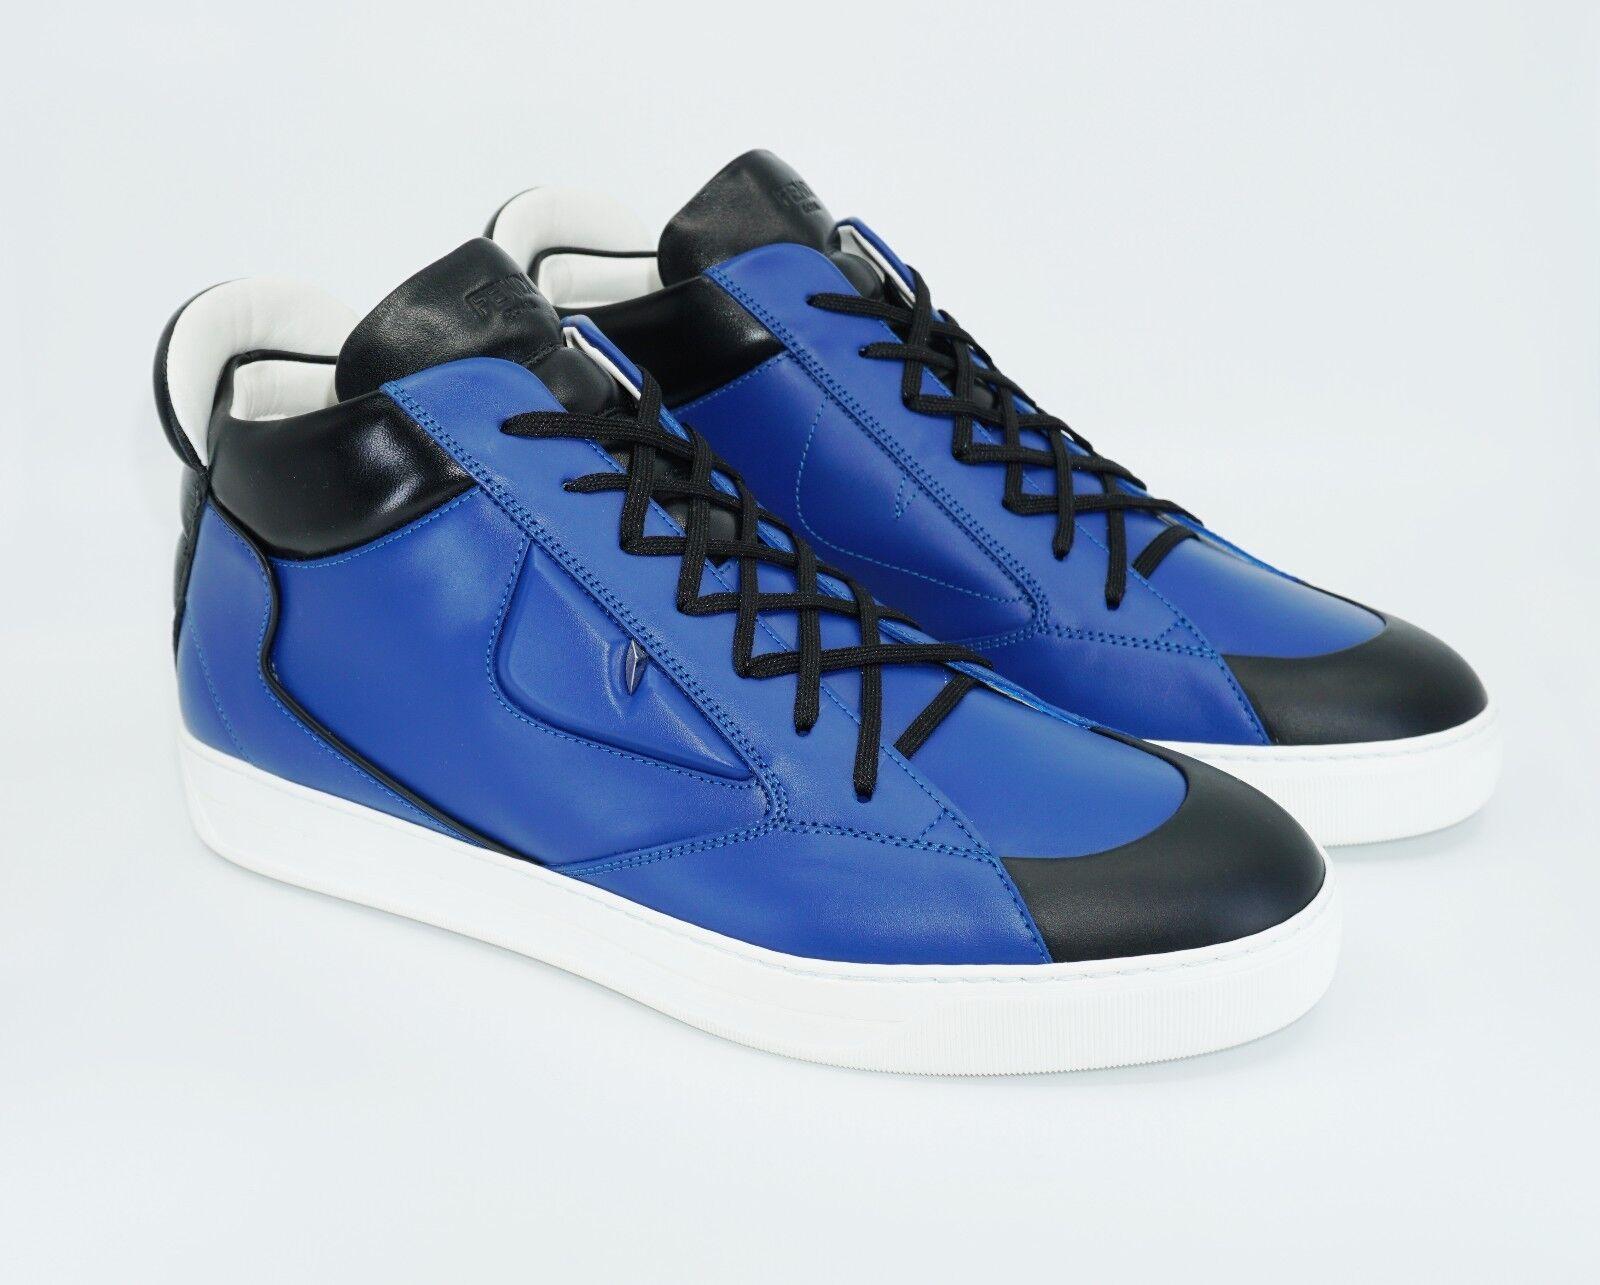 fabricants les Bleu, sport, de mi haut cuir détail Yeux